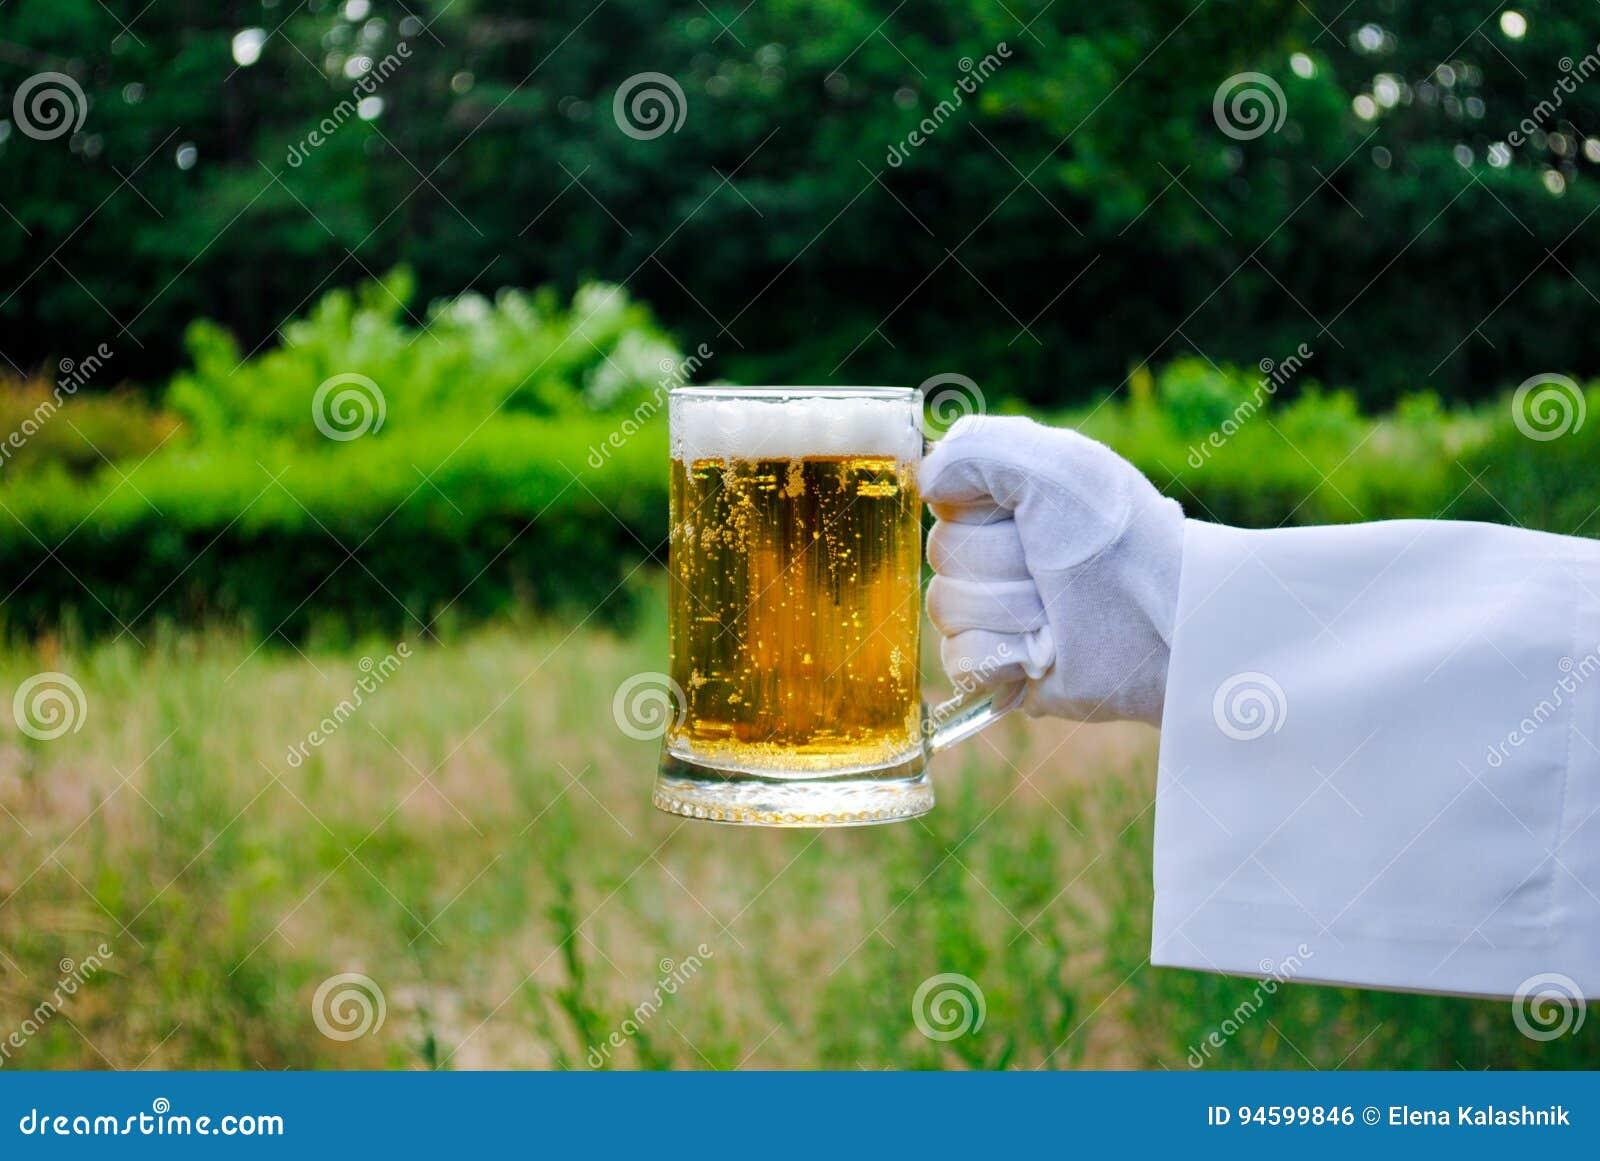 La mano del ` s del camarero en un guante del blanco sostiene un vidrio de cerveza contra la perspectiva de la naturaleza